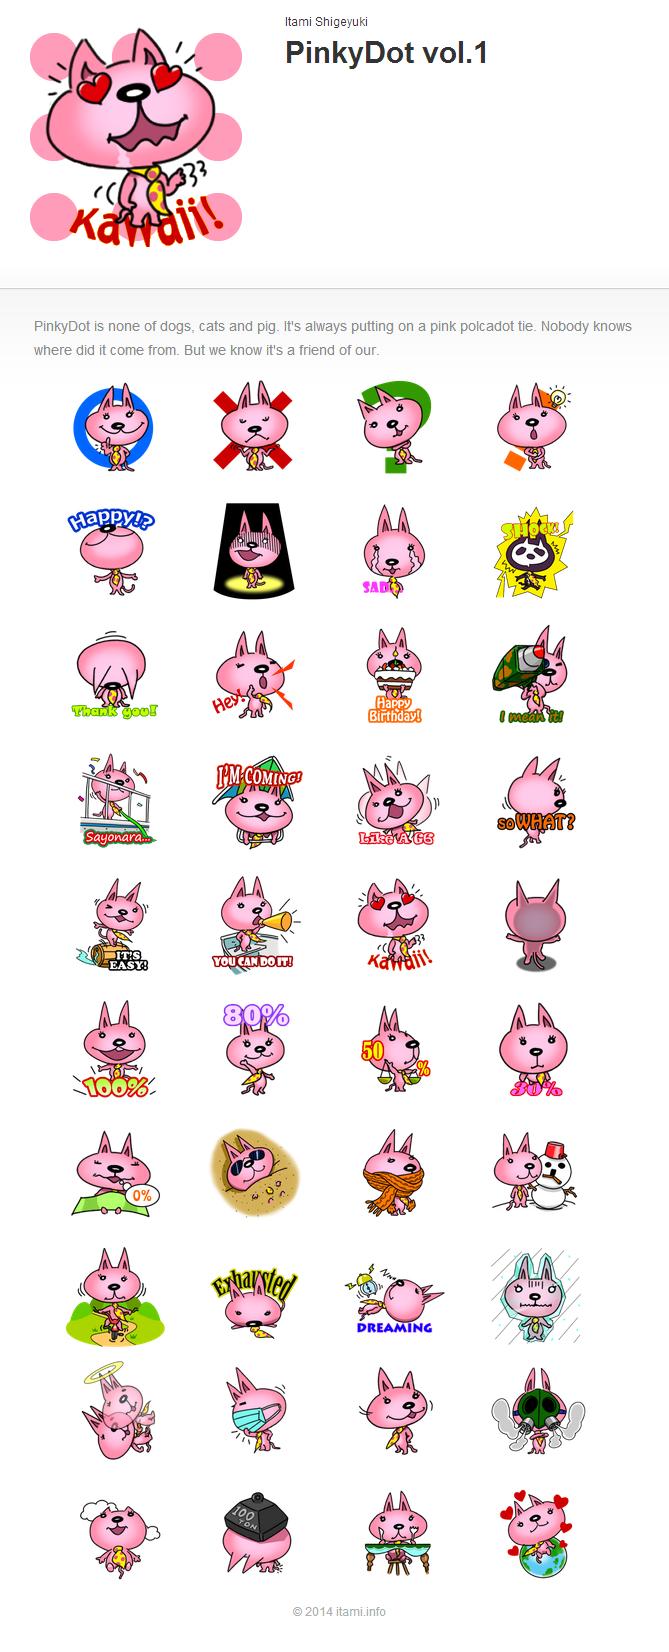 PinkyDot